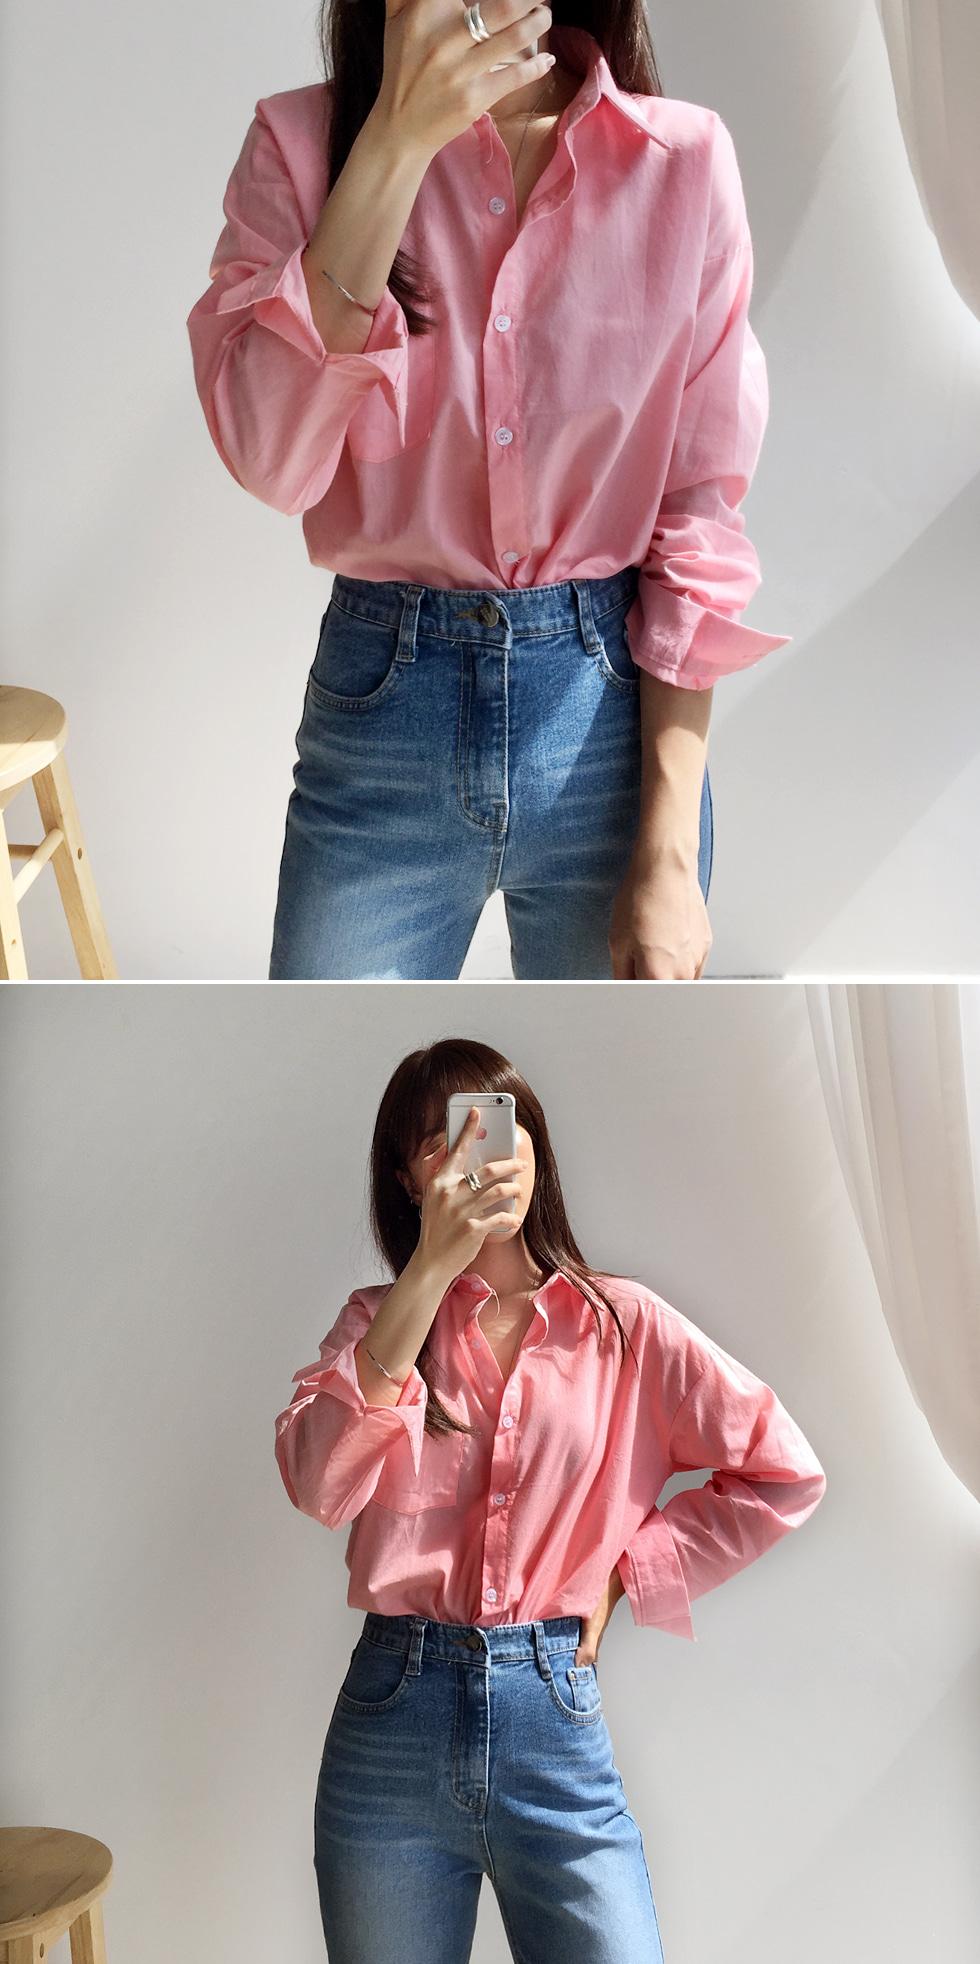 Some Made Shirt